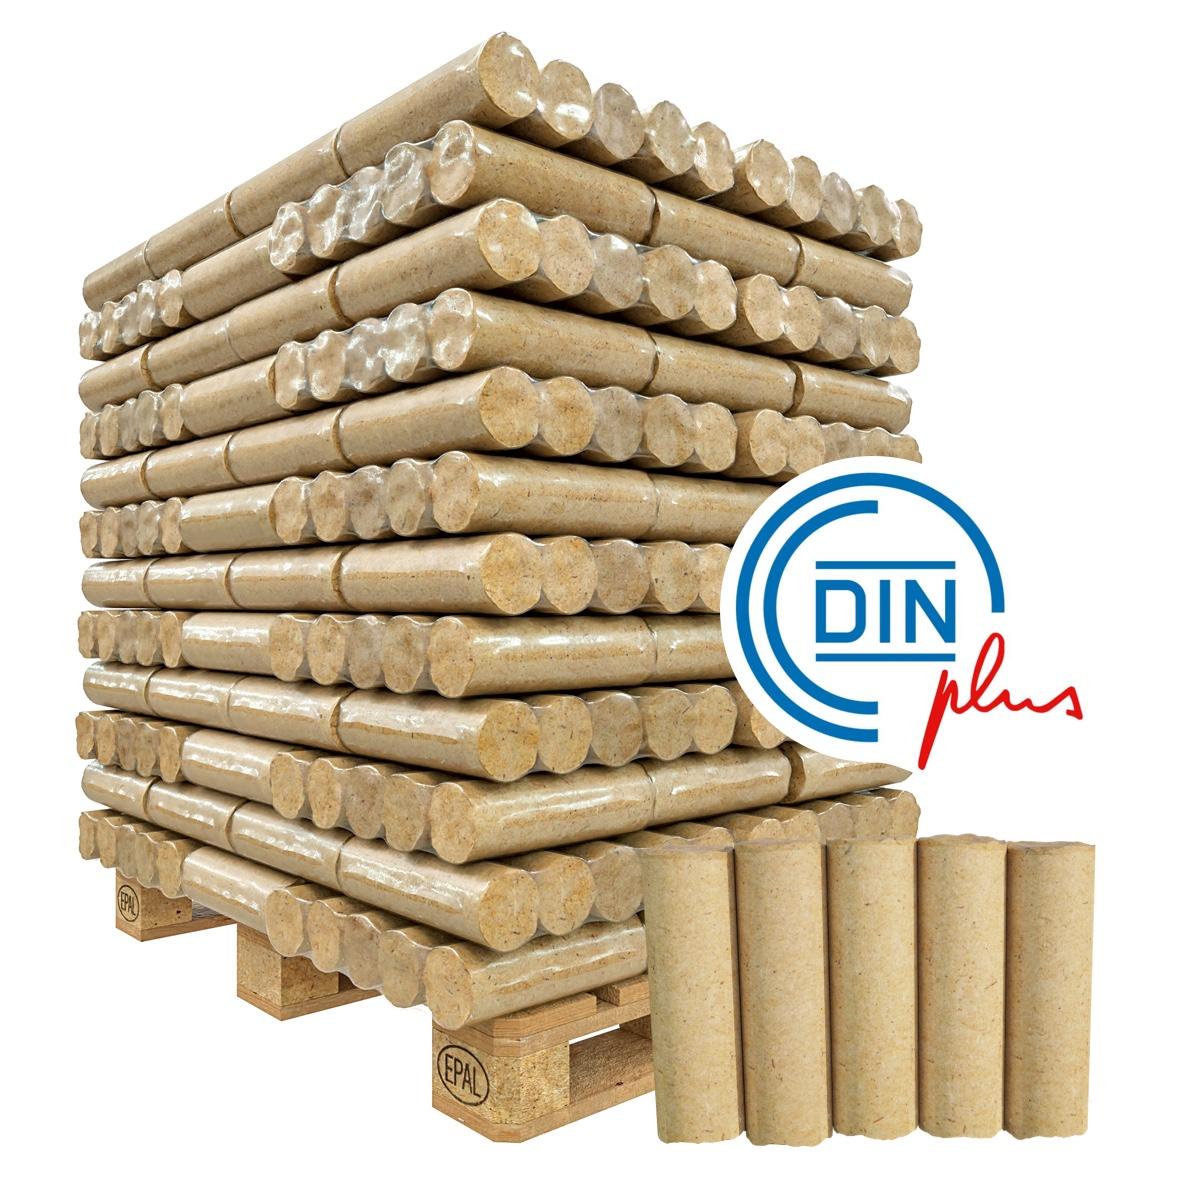 Premium-Holzbriketts (Nadelholz, Nestro)